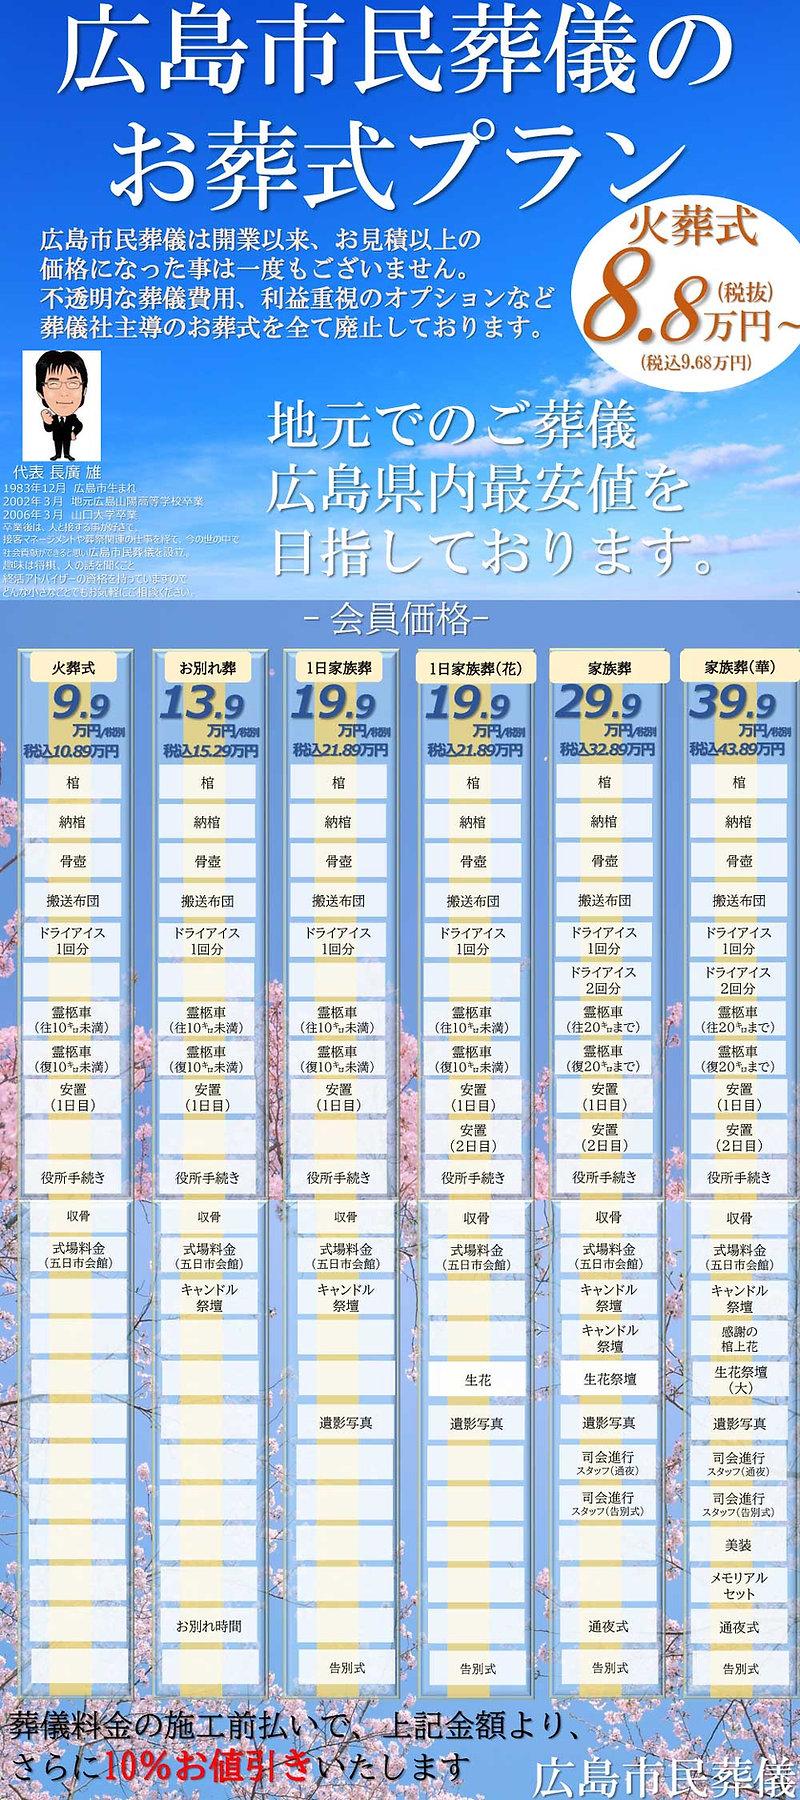 広島市民葬儀料金表